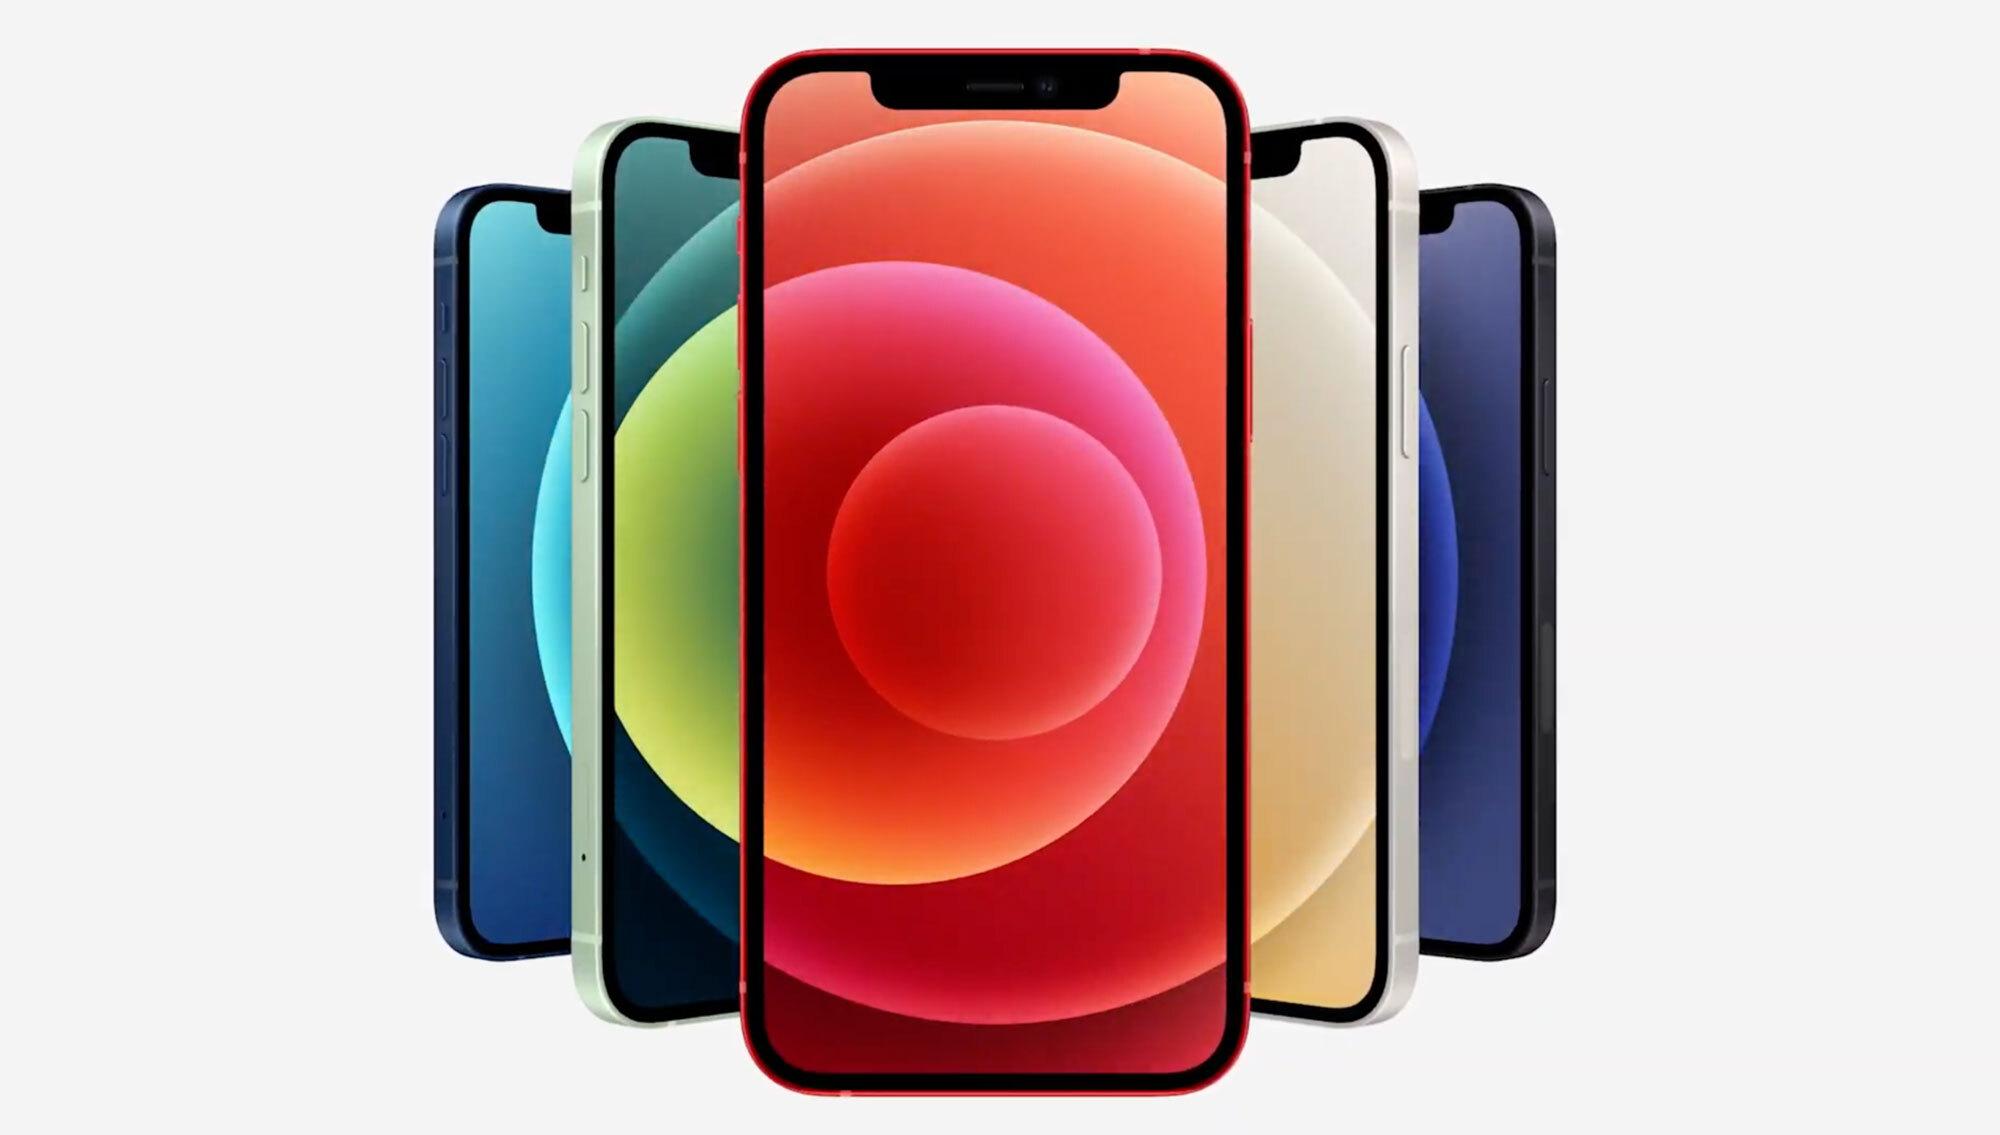 速報:Apple iPhone 12発表。5G対応・スマホ最速性能・4倍強いセラミックシールドや有機EL画面に進化 - Engadget 日本版